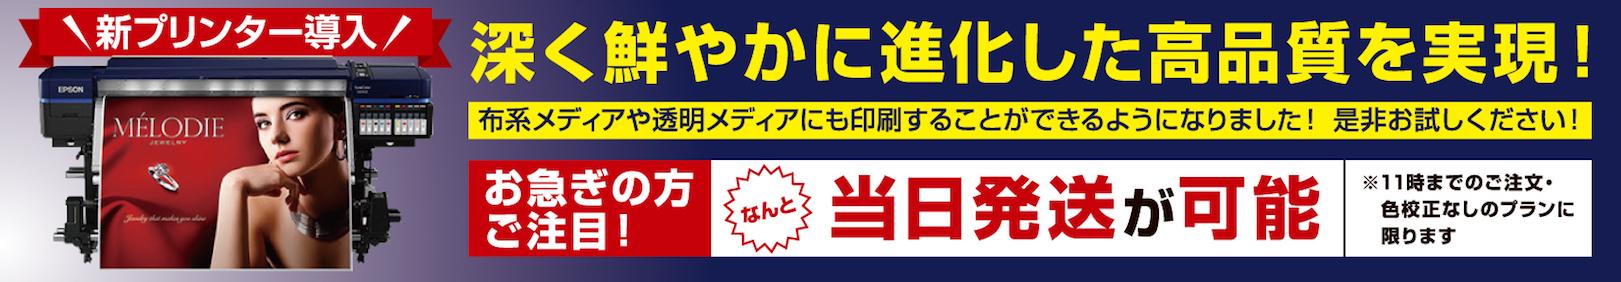 新プリンター導入記念キャンペーン